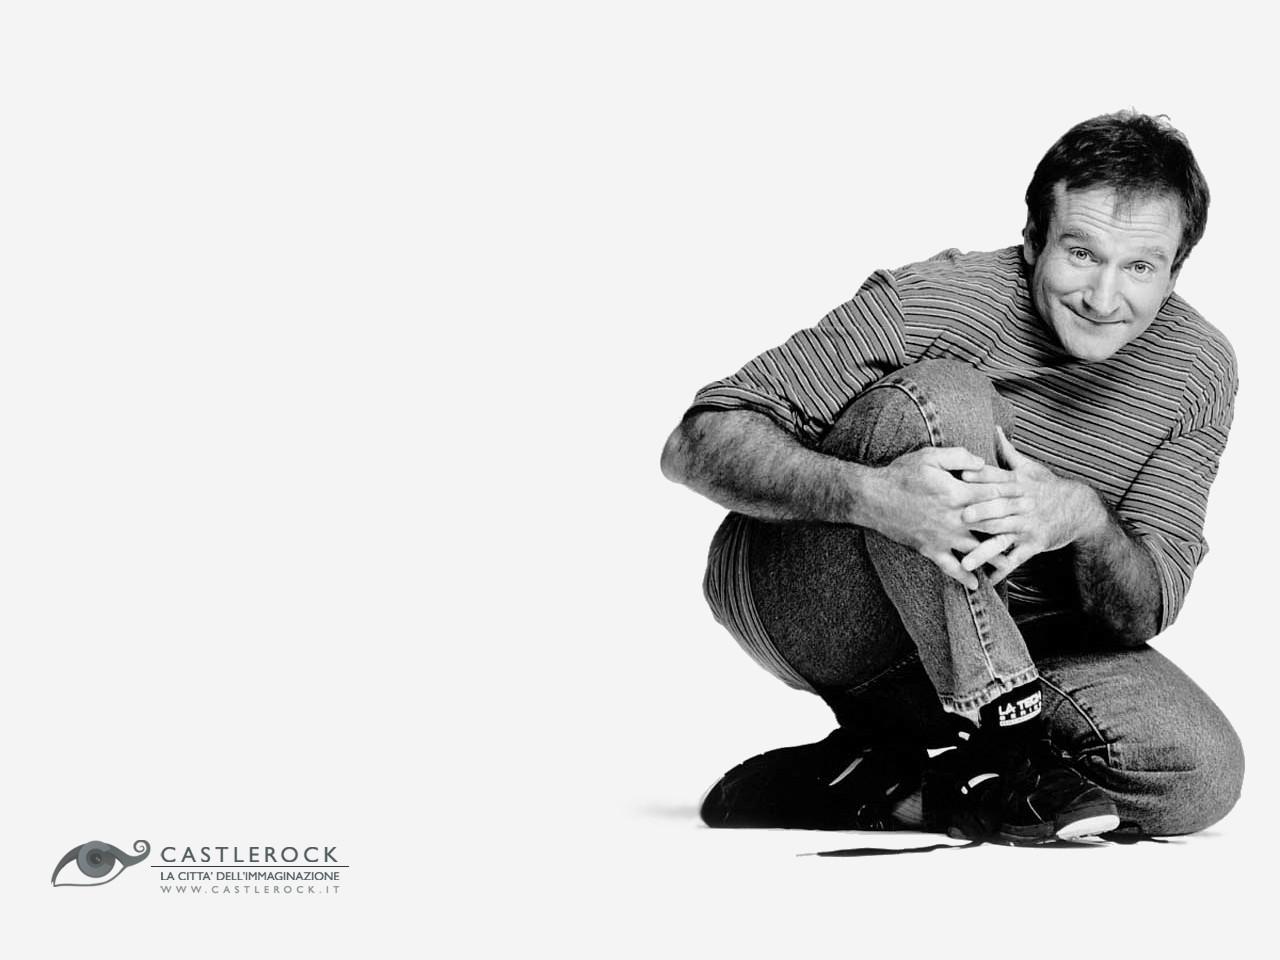 Wallpaper di Robin Williams